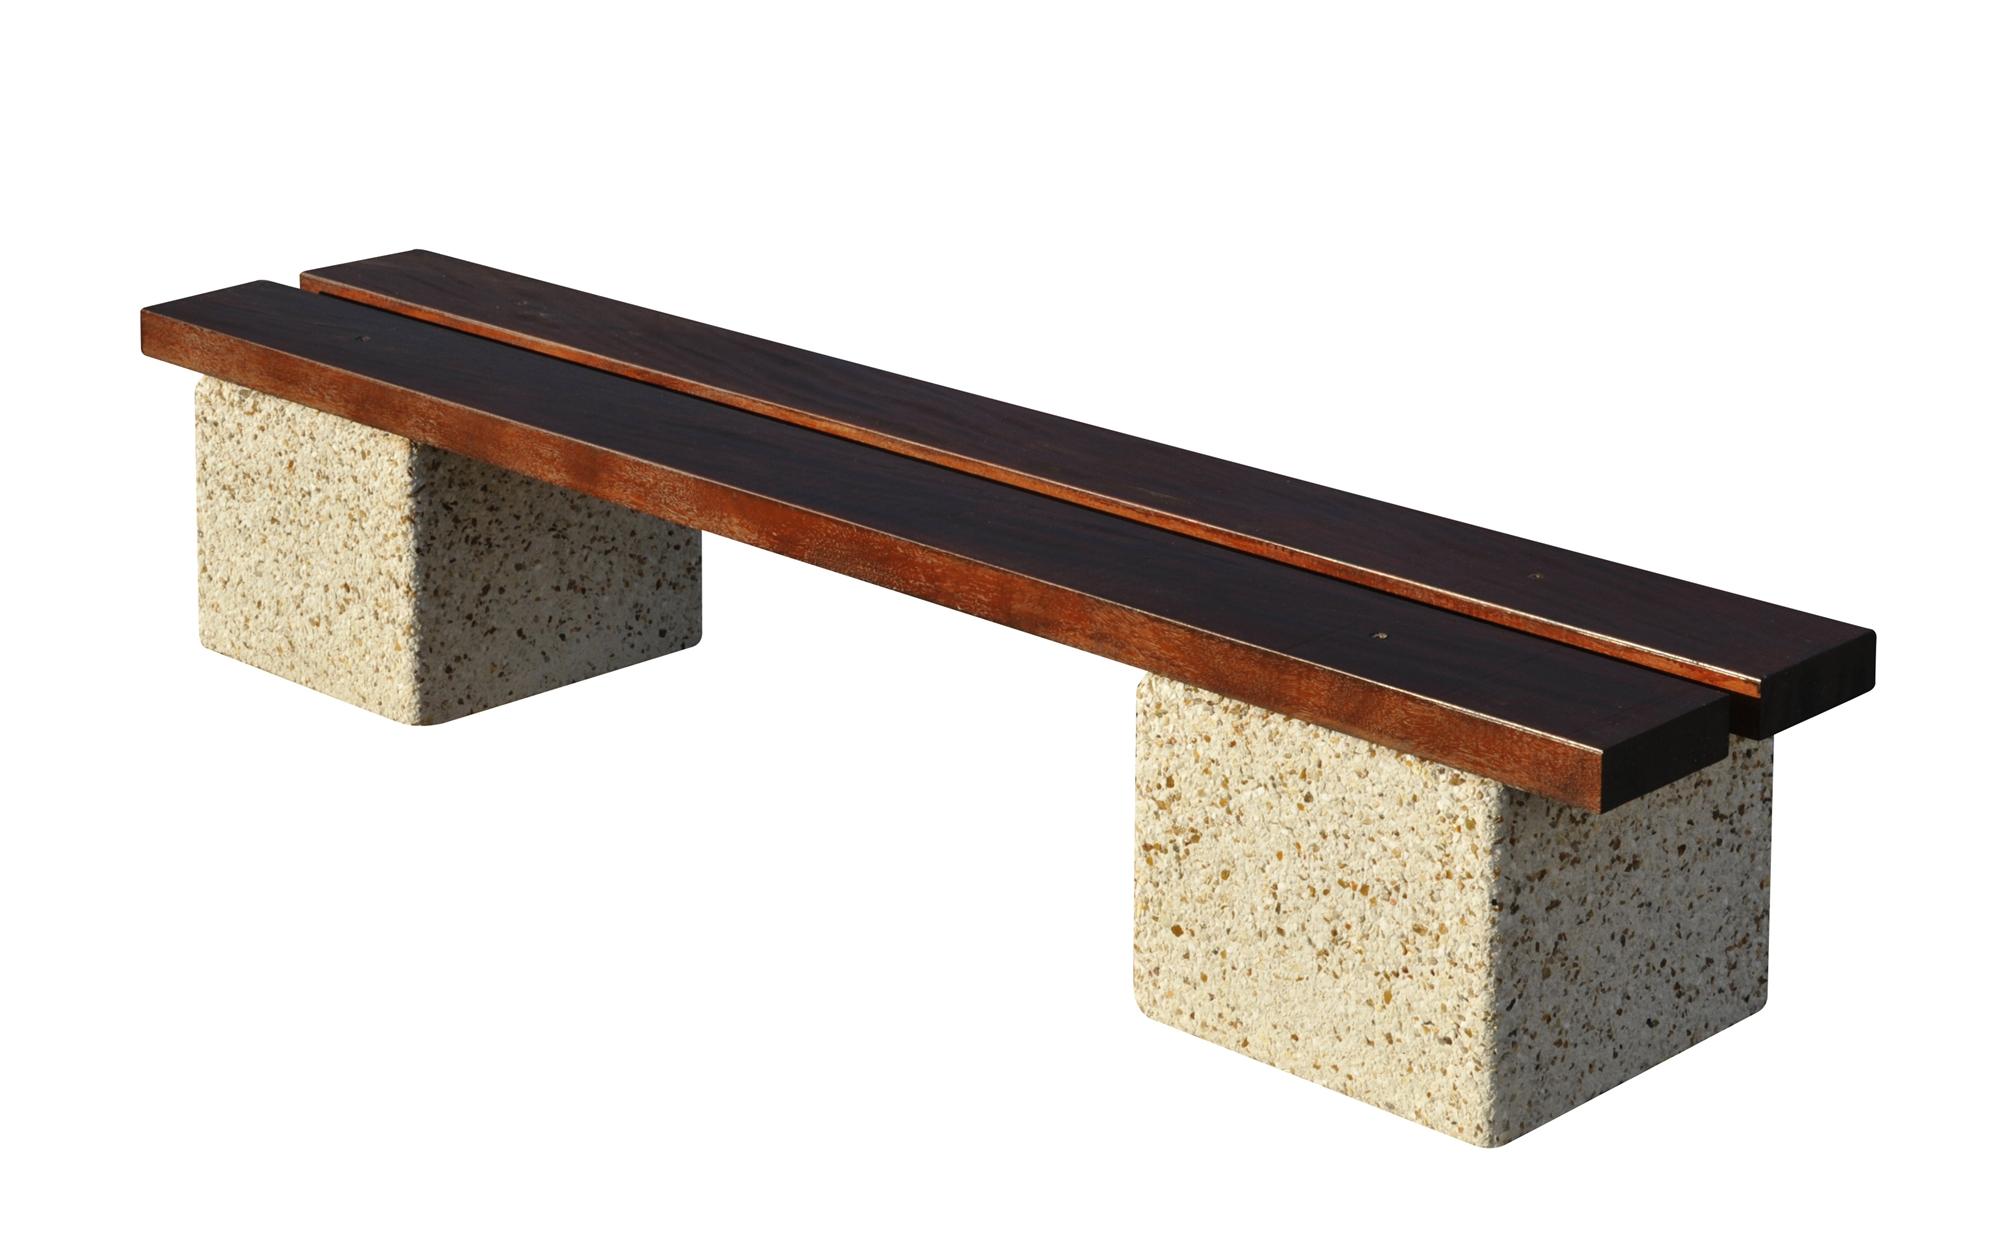 Banc d 39 ext rieur arcade en bois et b ton lav auvergne Table banc bois exterieur